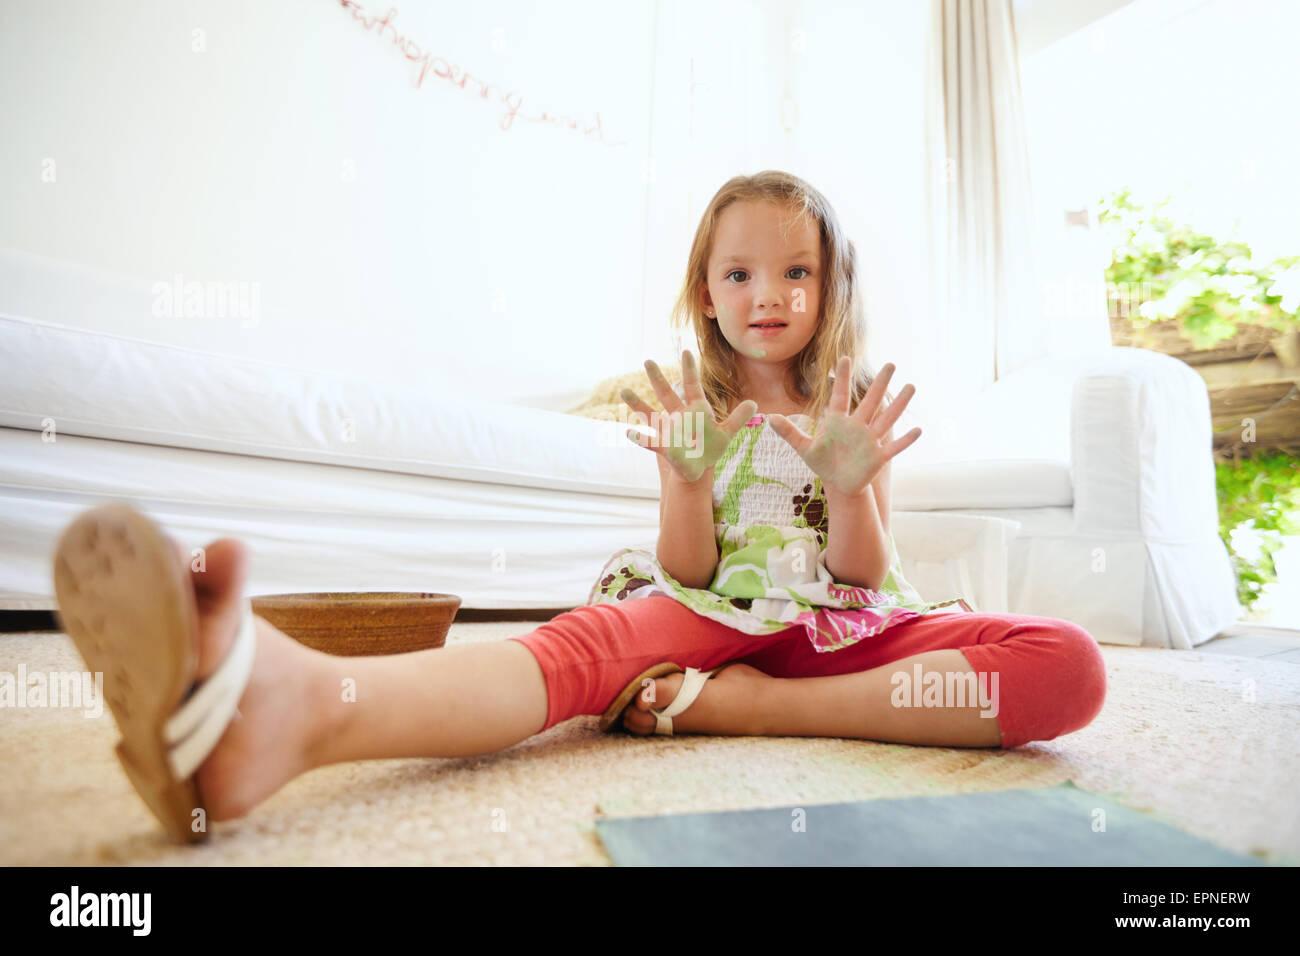 Retrato de hermosa niña divirtiéndose mientras la pintura. Colegiala sentada en el piso en casa mostrando Imagen De Stock